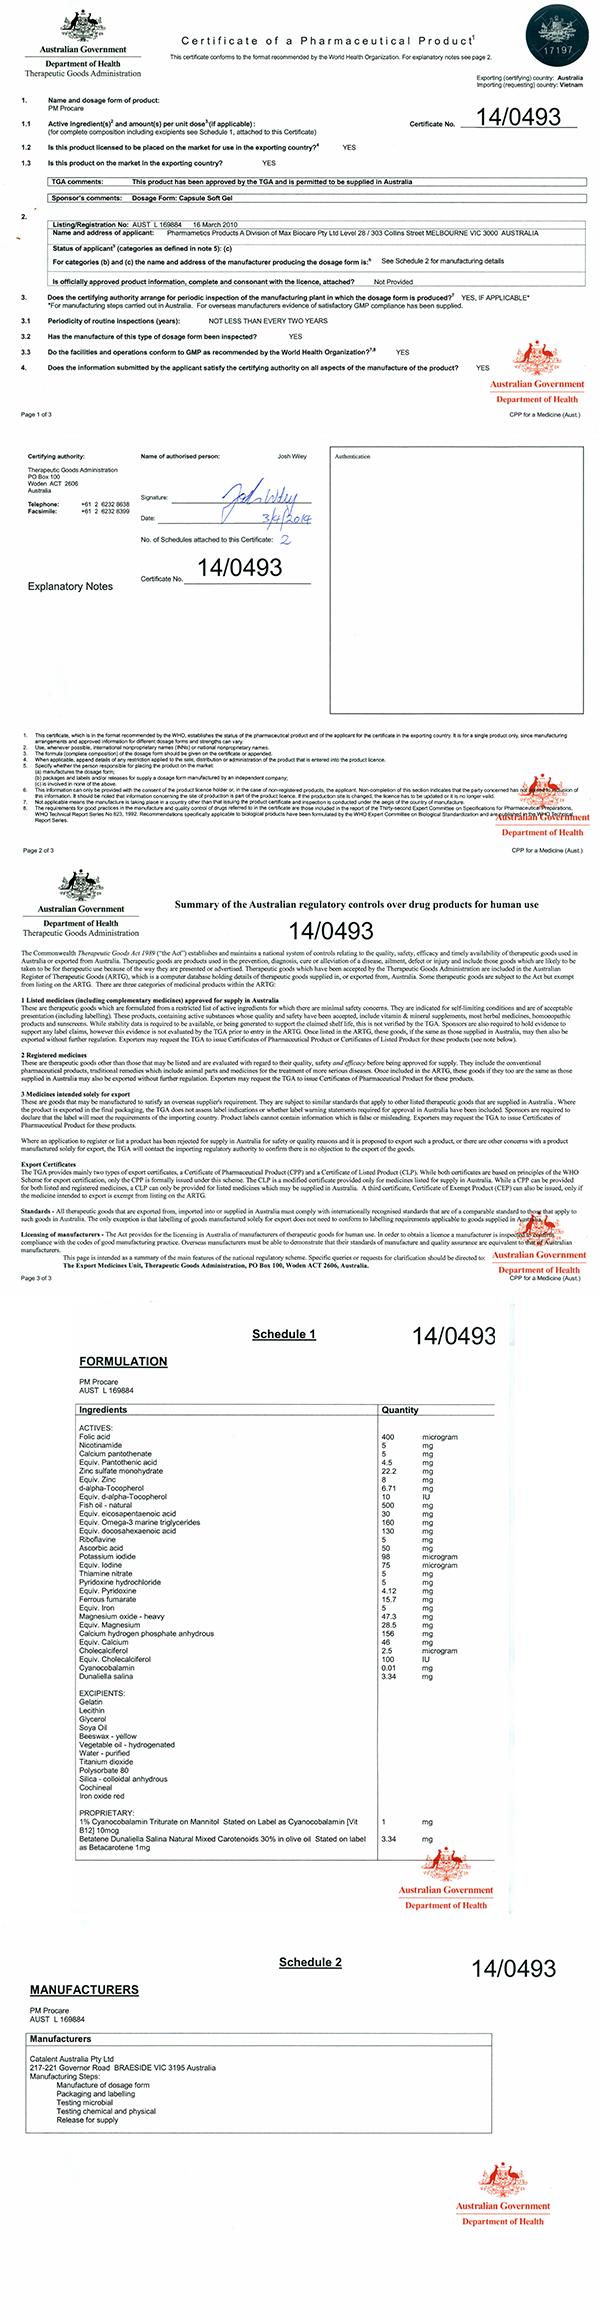 Đăng ký và chứng nhận lưu hành thuốc Procare tại Úc 1